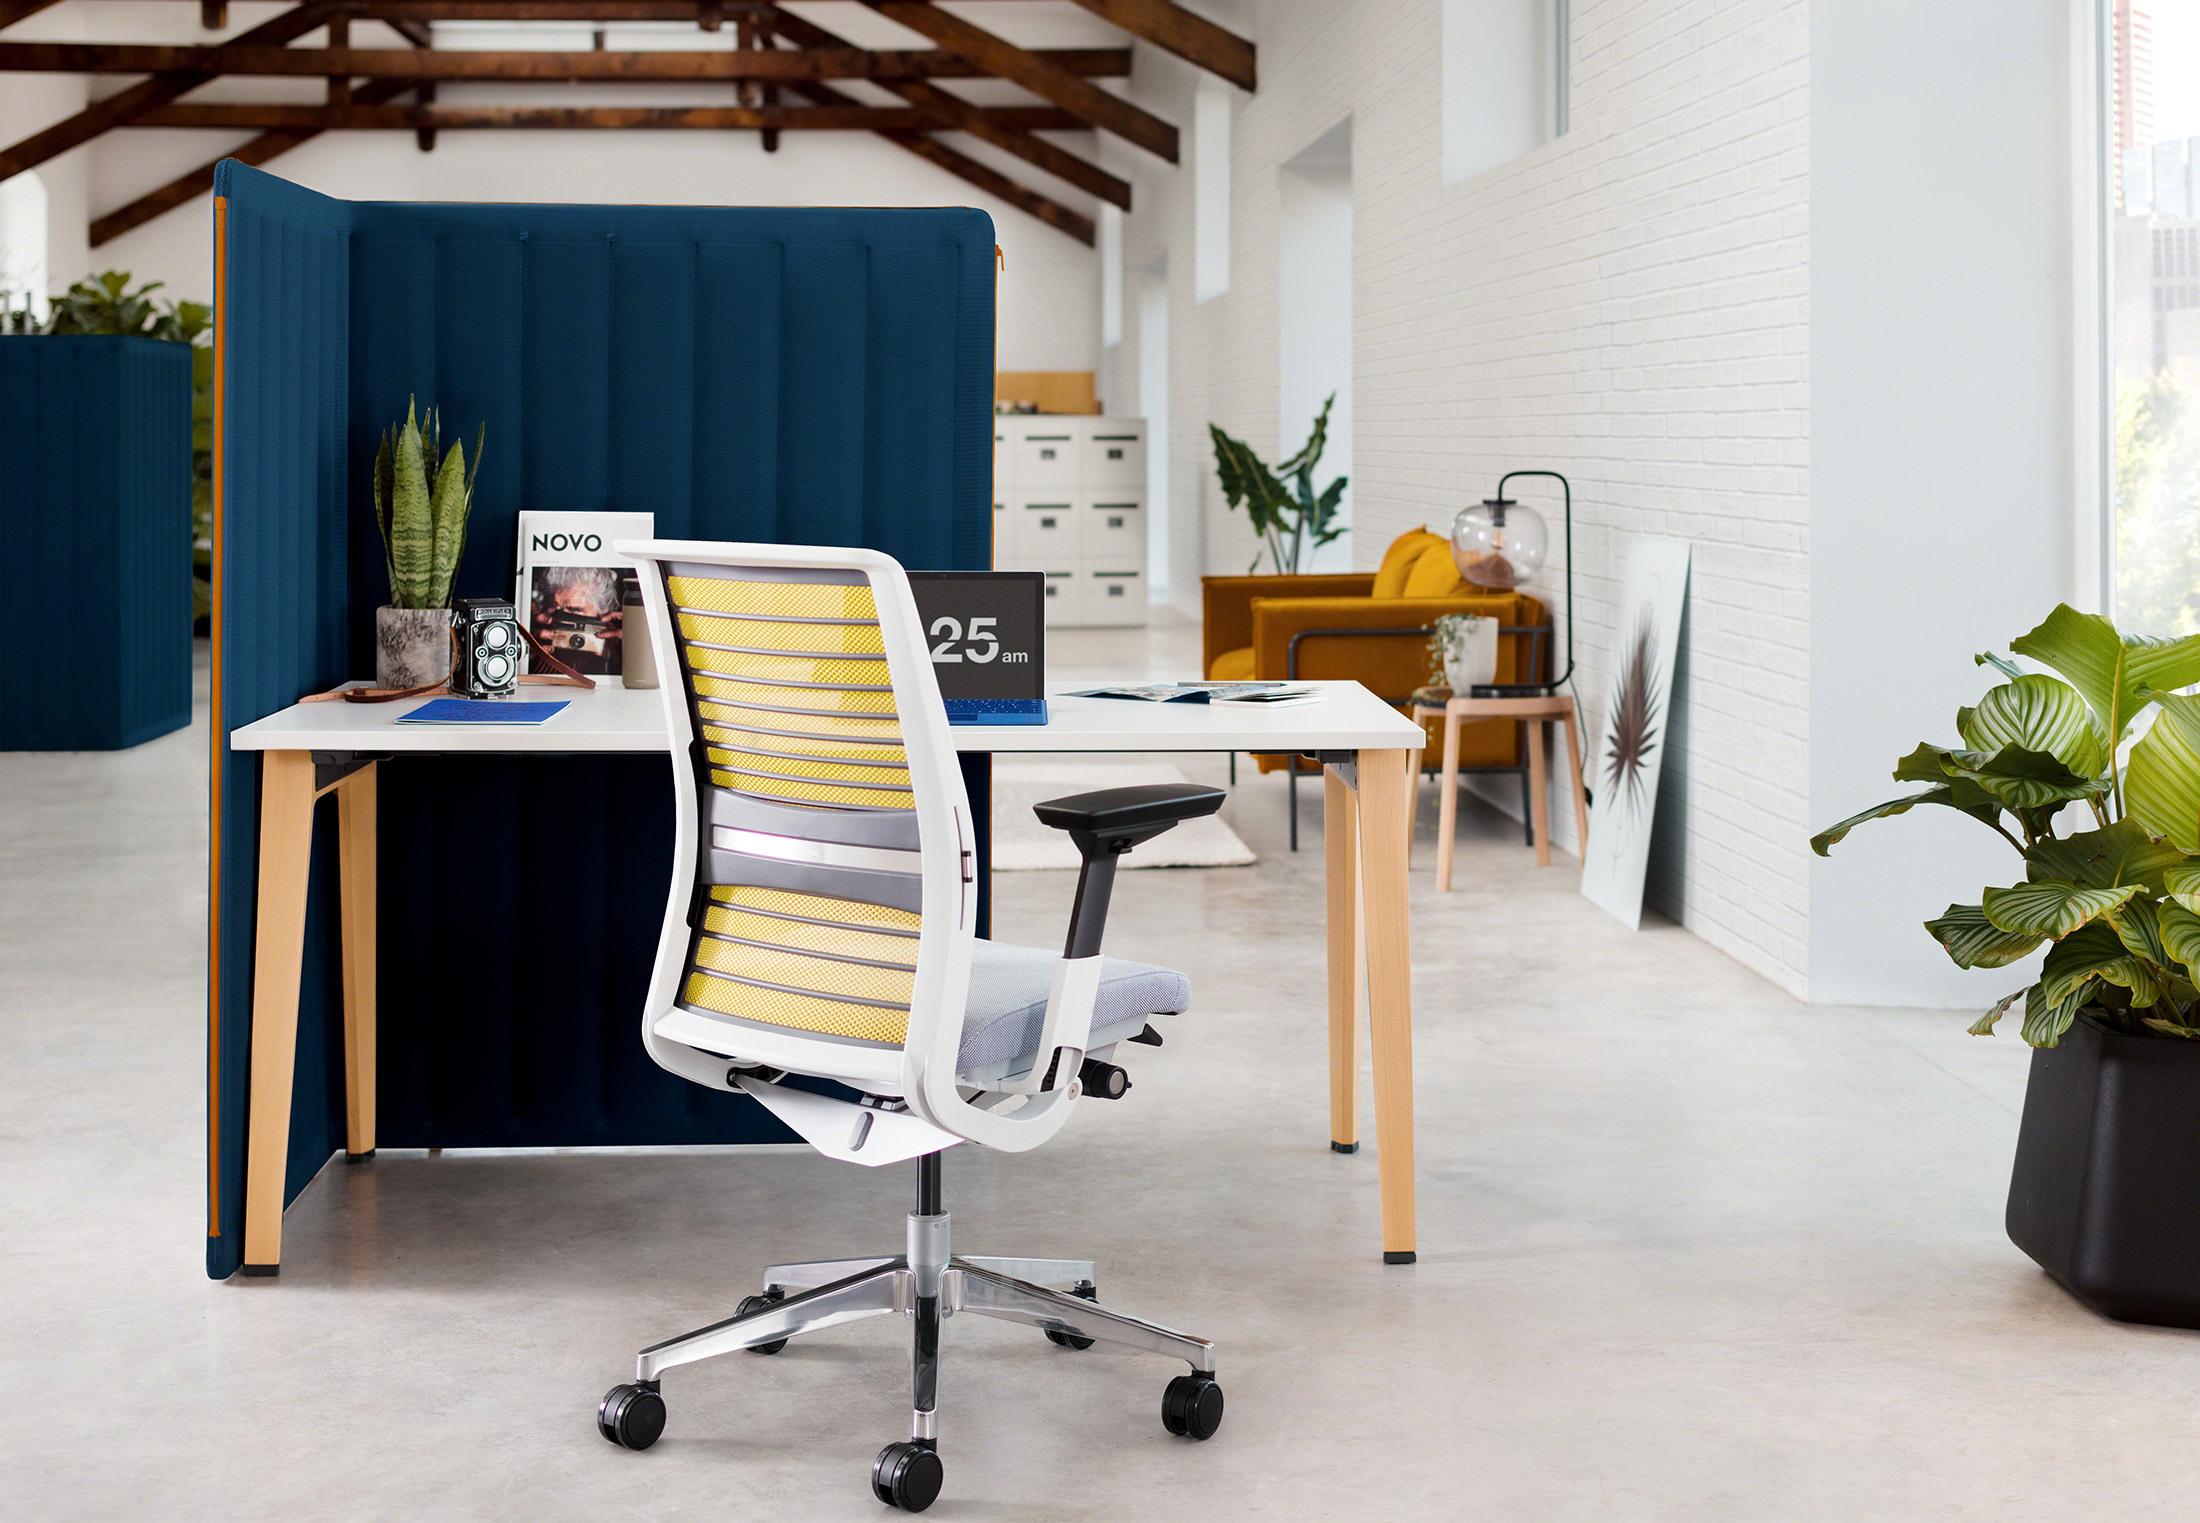 Novo Task Chair